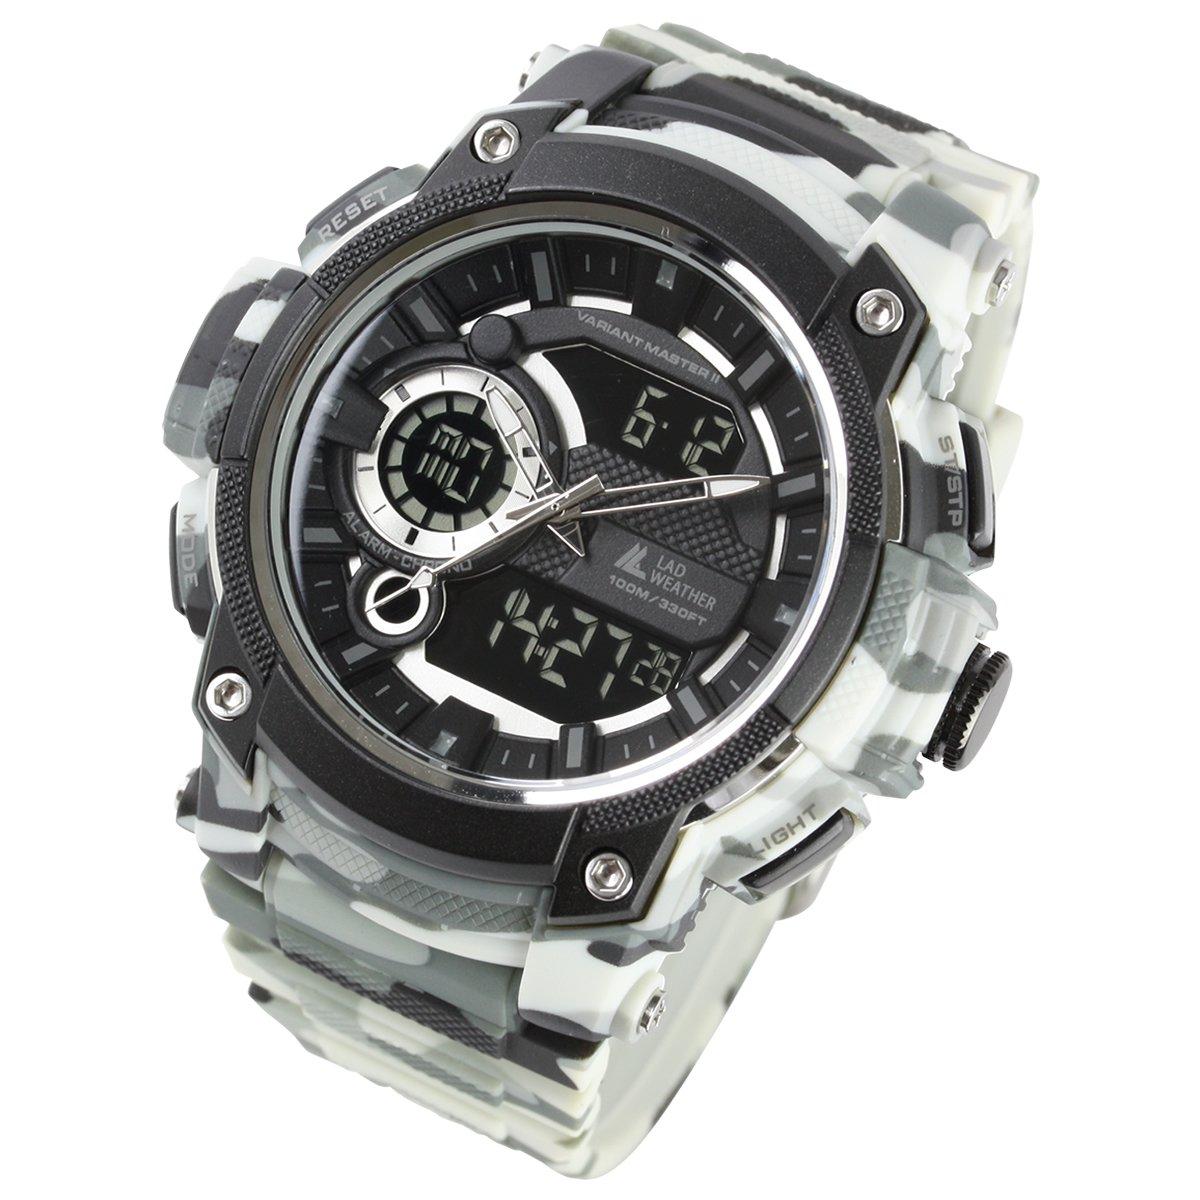 b3a1de5ccc [LAD WEATHER]アナデジ ミリタリーウォッチ トリプルタイム 100m防水 アウトドア時計 メンズ腕時計 lad043